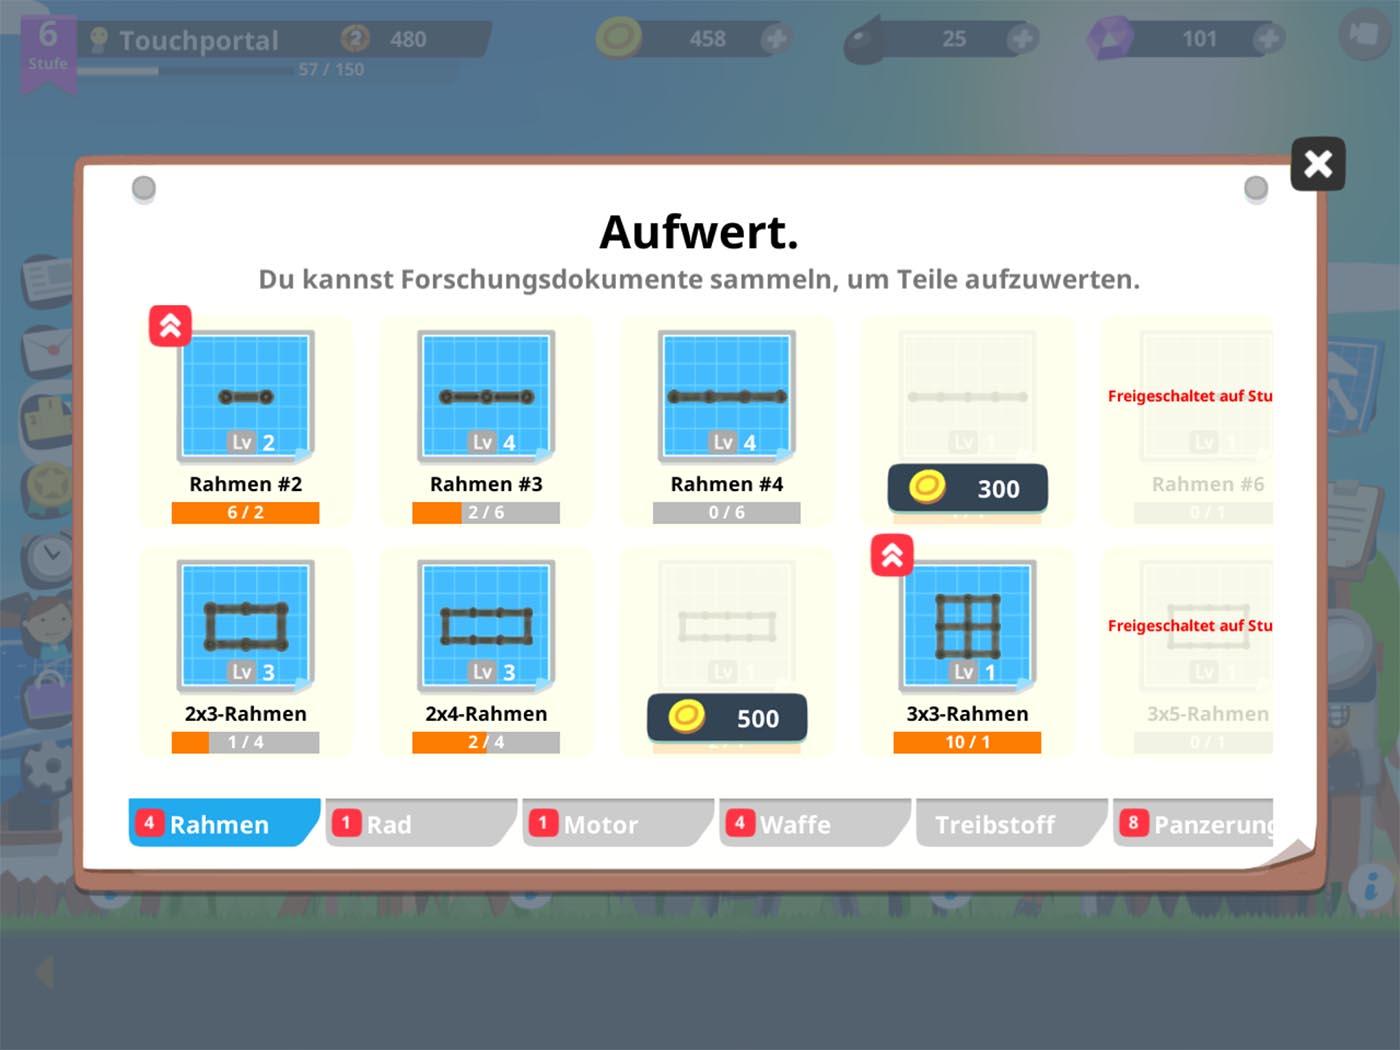 Ziemlich 2x4 Rahmen Bilder - Benutzerdefinierte Bilderrahmen Ideen ...